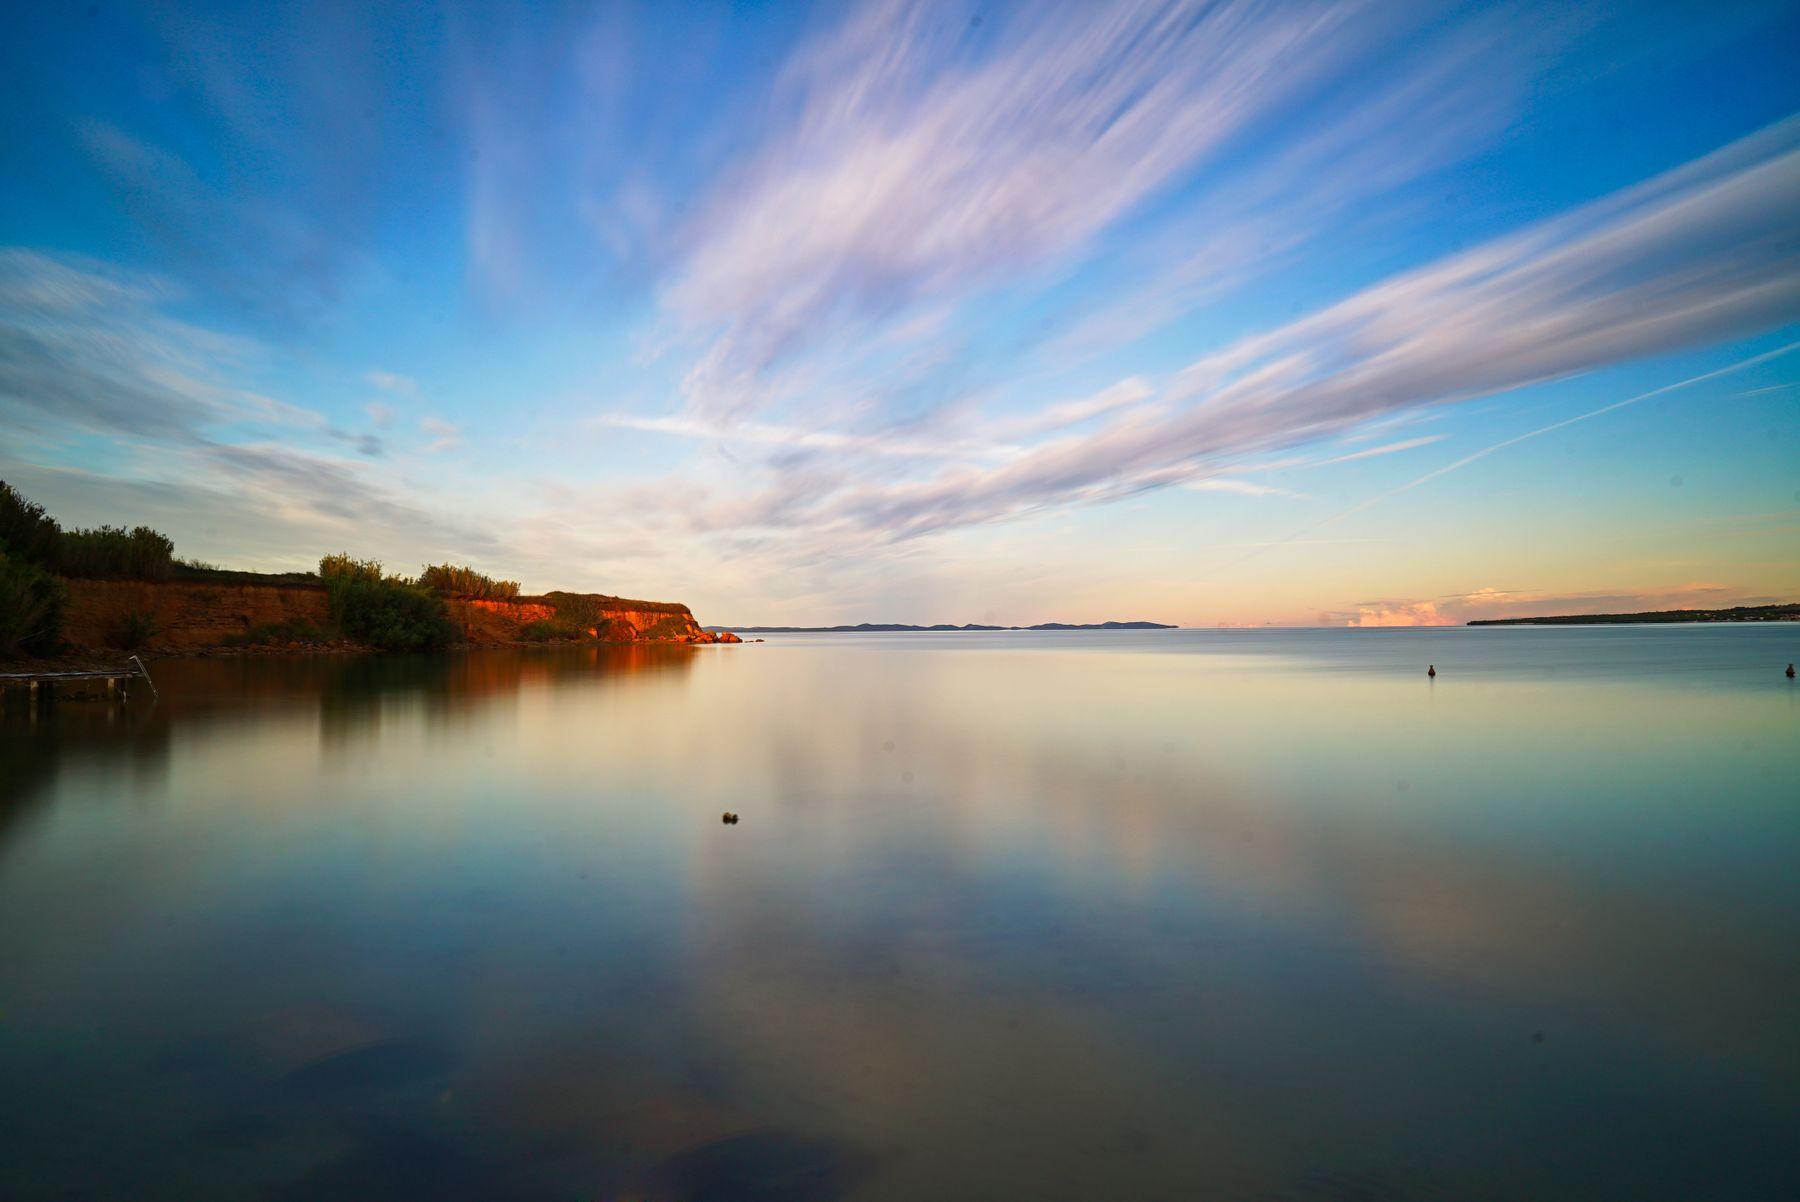 рассвет на воде рассвет море вода отражение утро